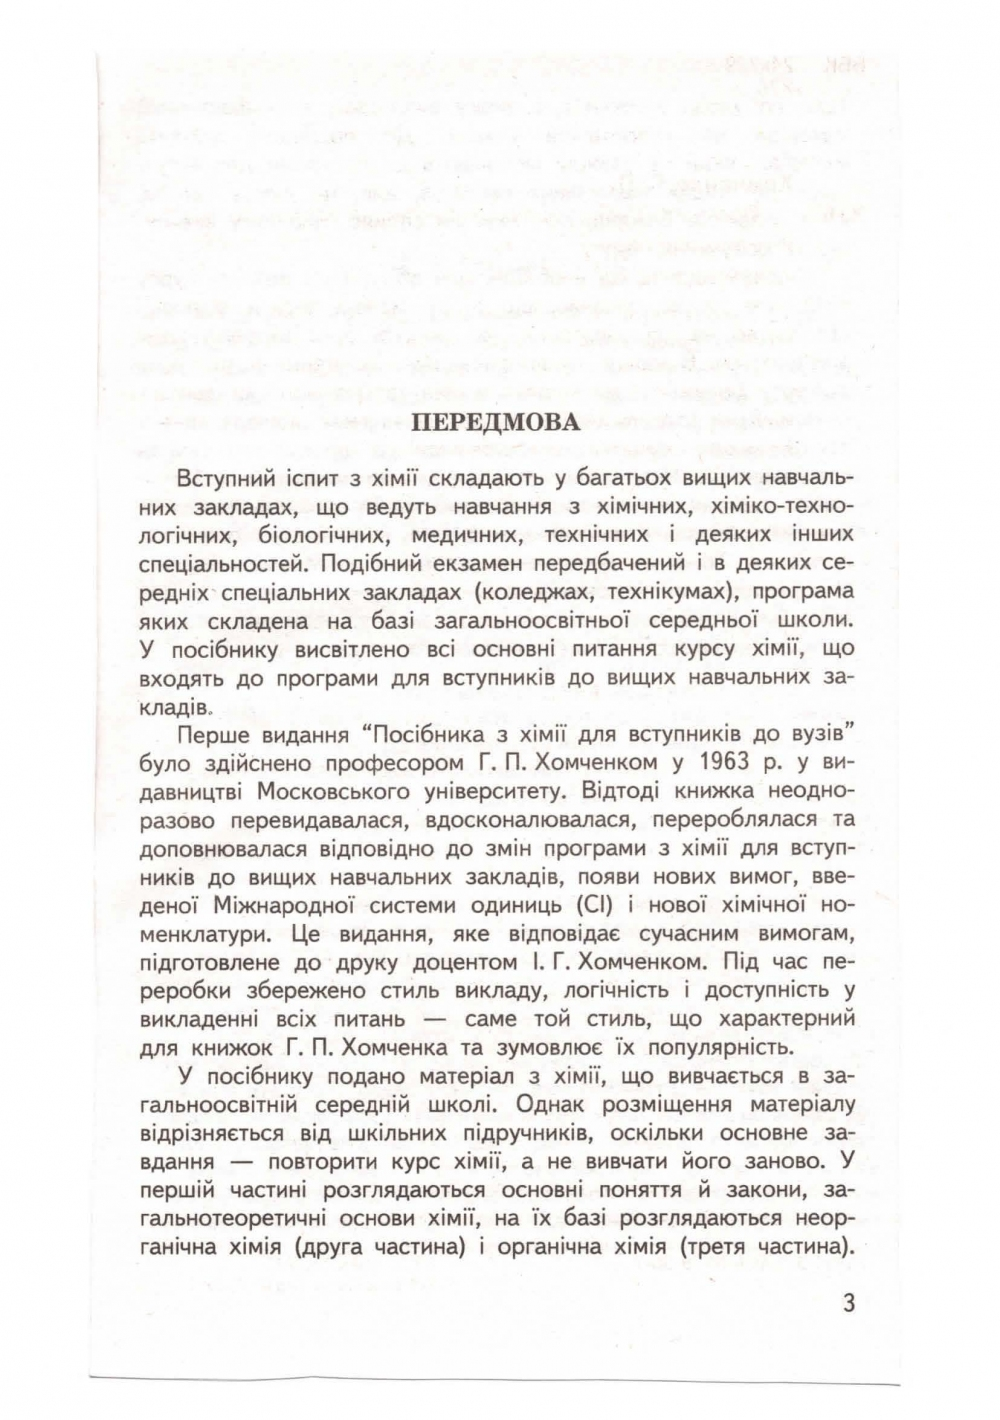 Посібник з хімії для вступників. Хомченко Г.  Вид-во: Арій. купити 4